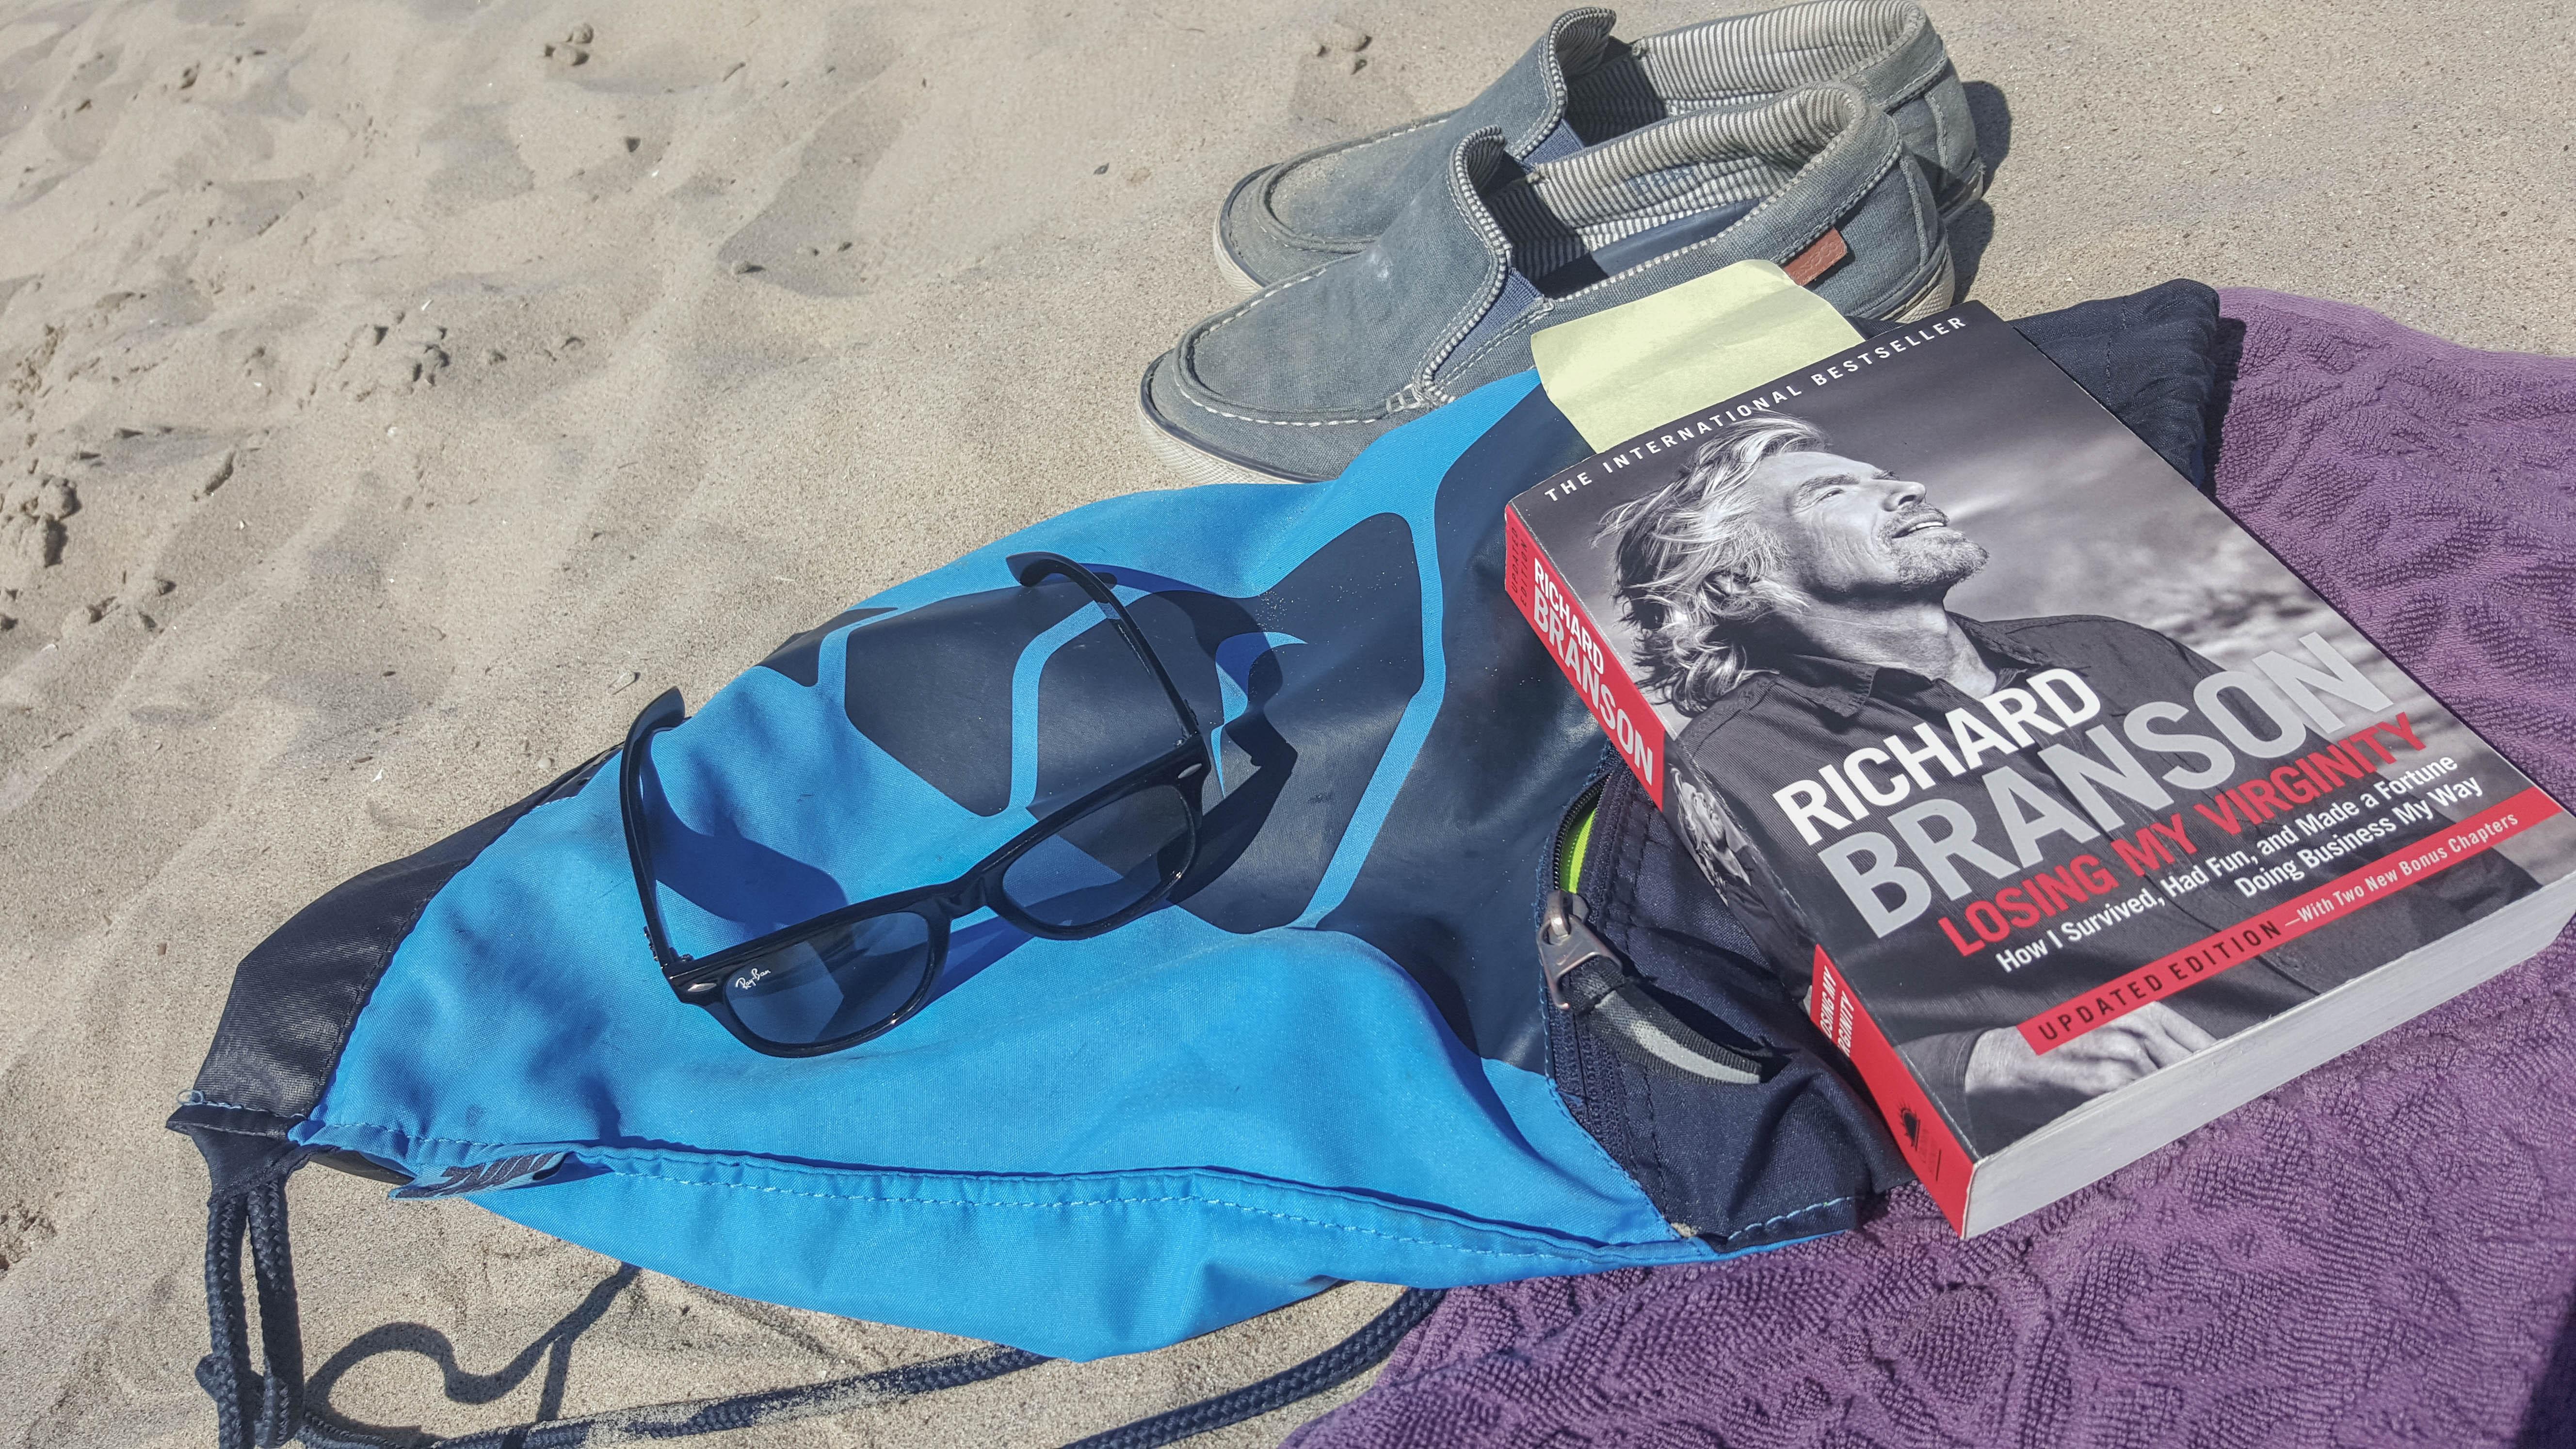 Auch im Urlaub wird fleissig gelesen